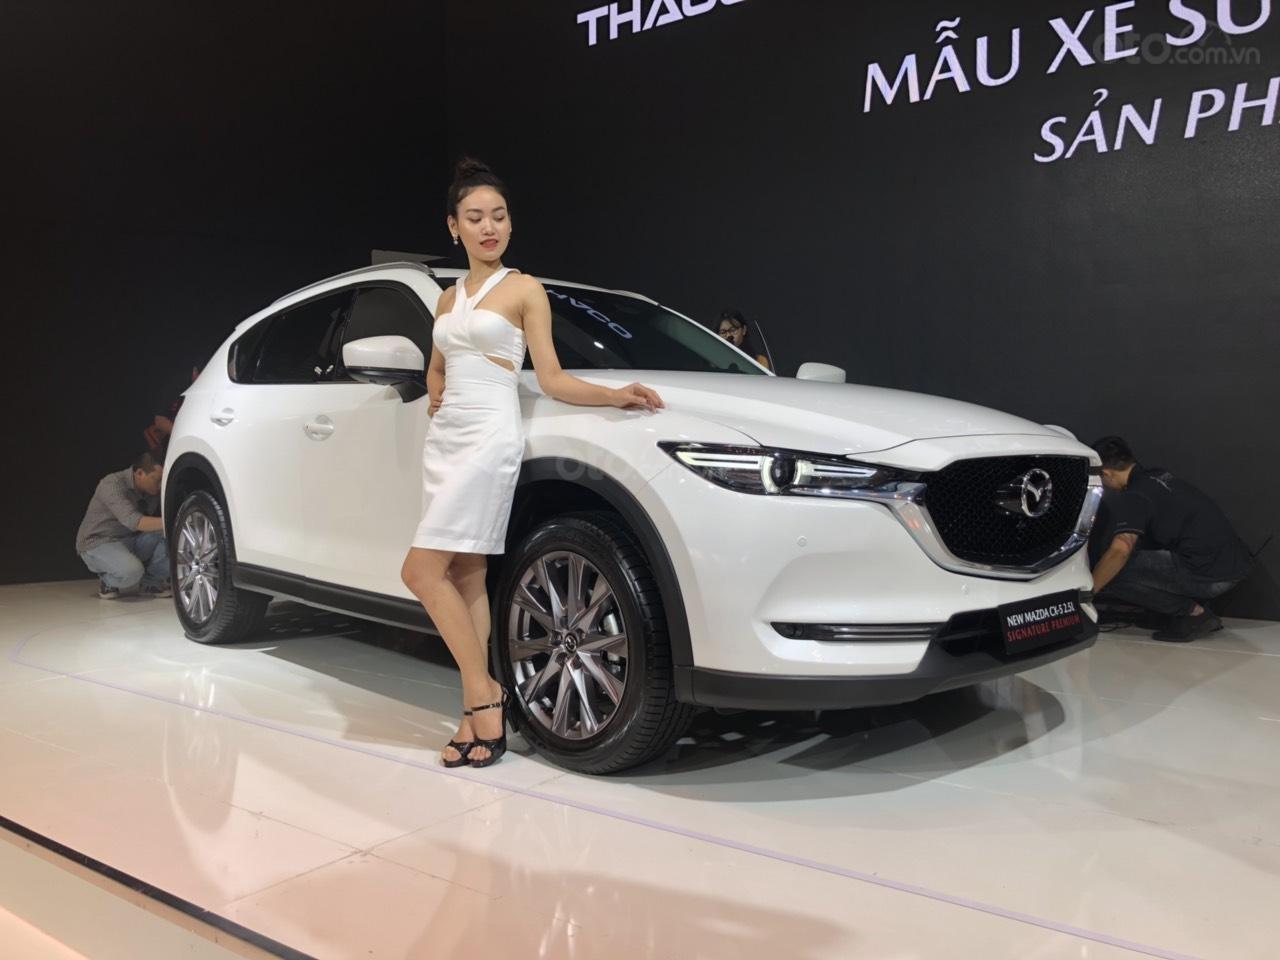 Giá xe Mazda CX-5 sau ưu đãi, tăng cao nhất 30 triệu đồng a1